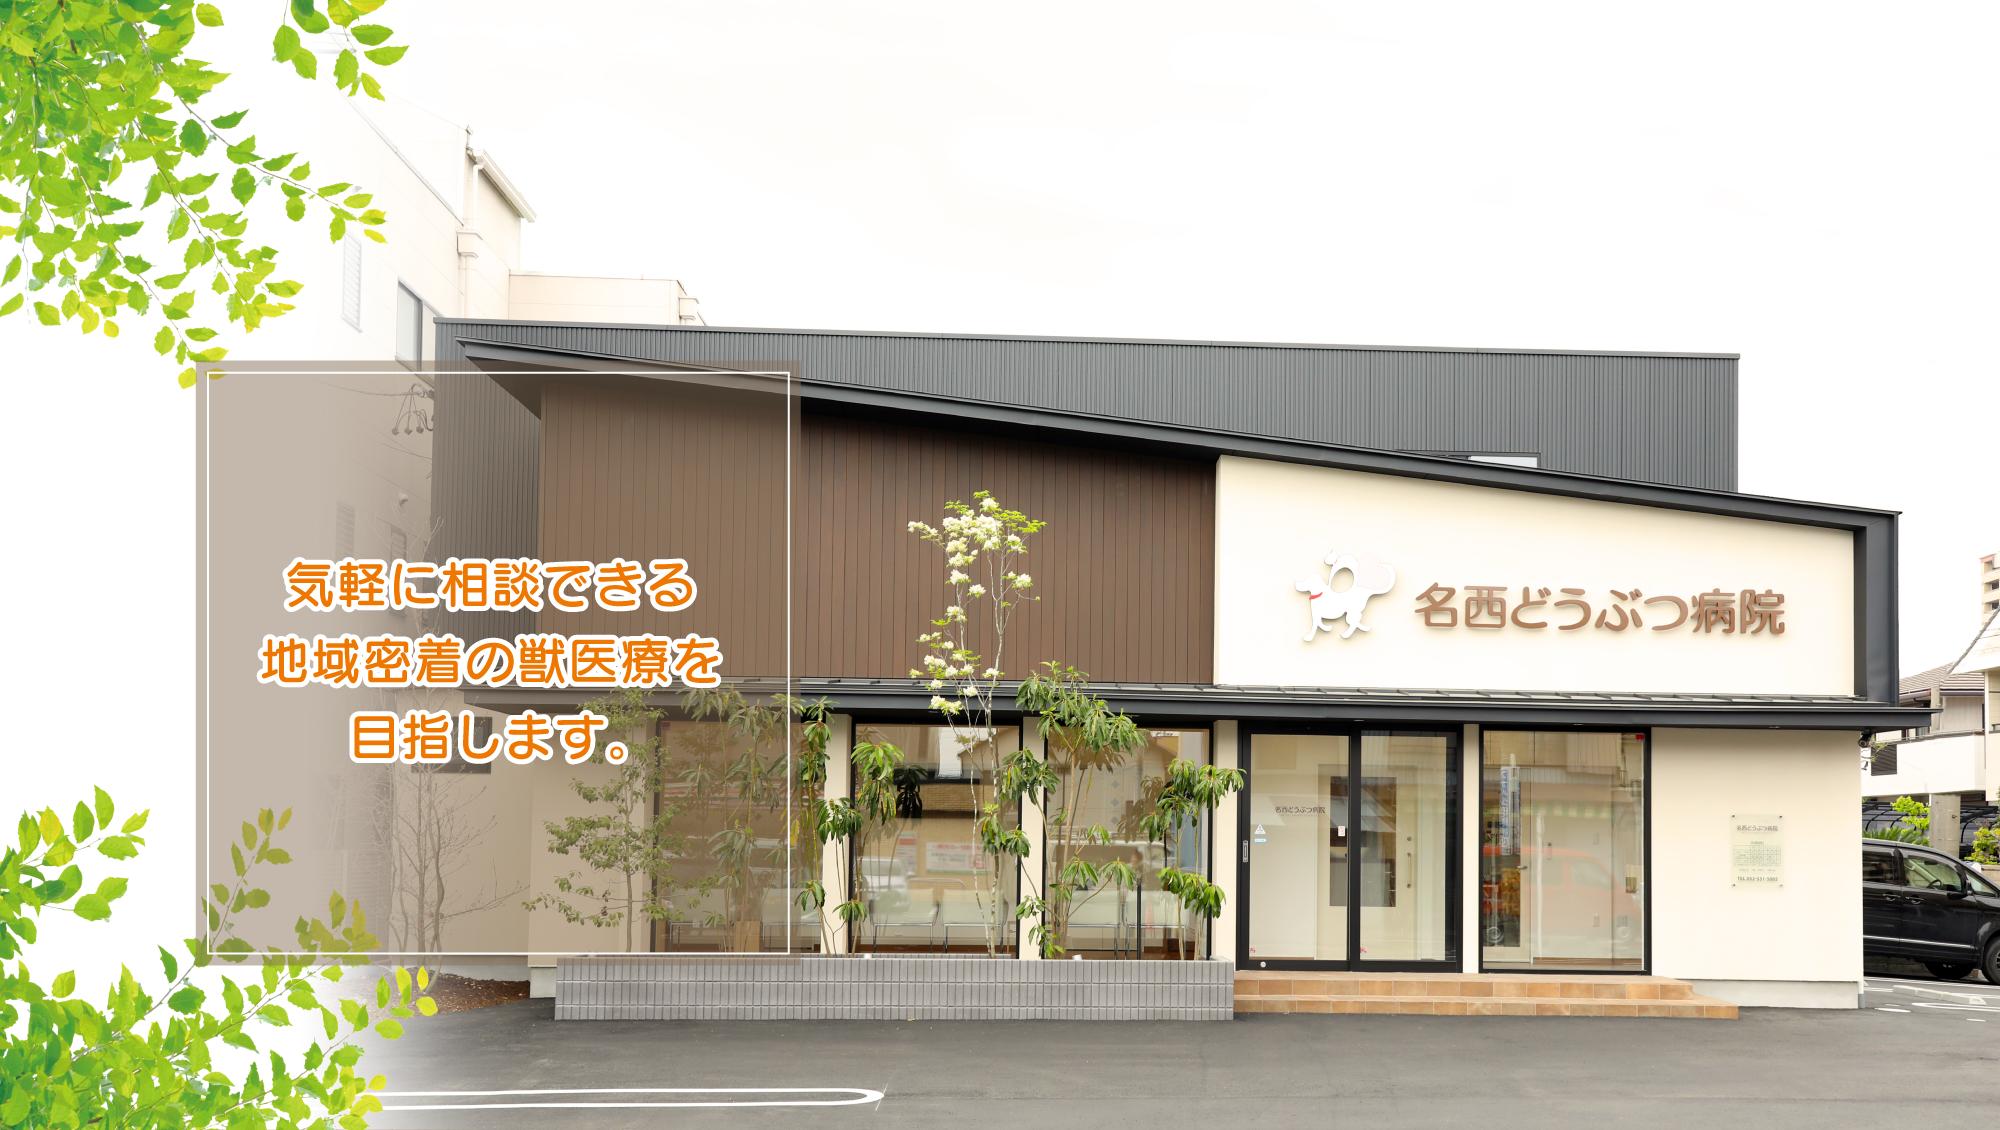 名西どうぶつ病院|名古屋市西区の動物病院|心臓病|ホテル